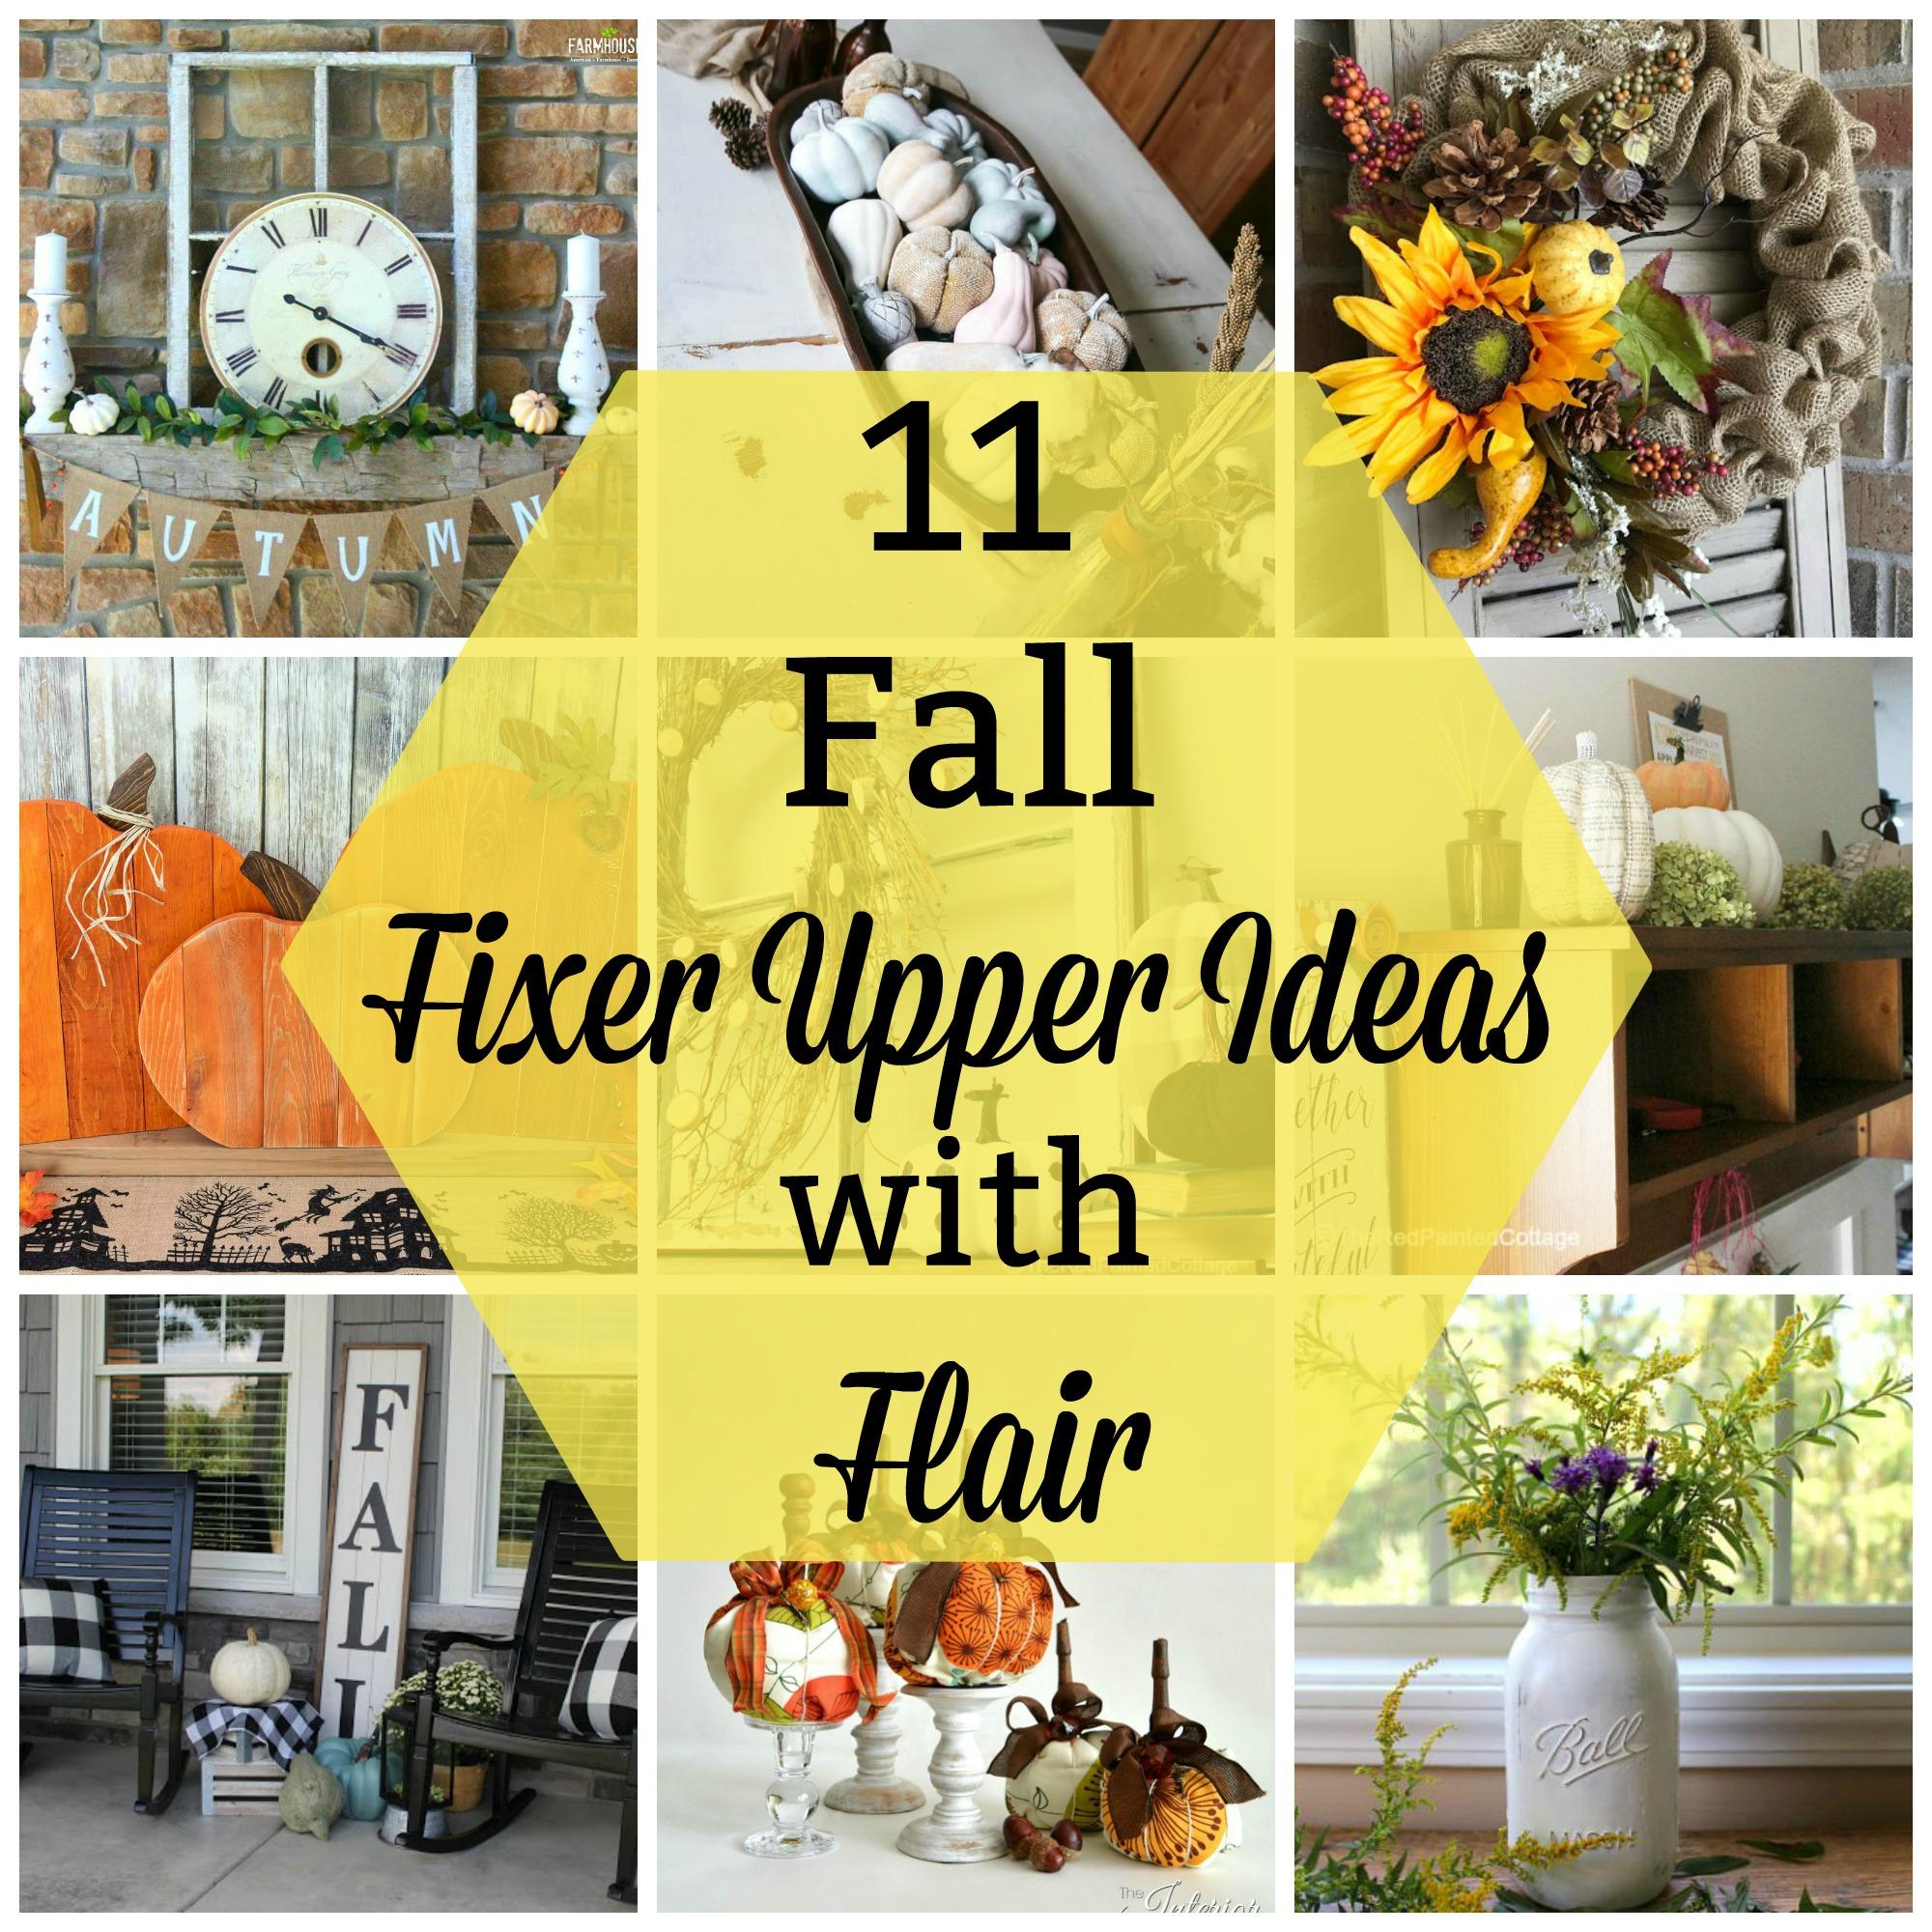 Fall Flair